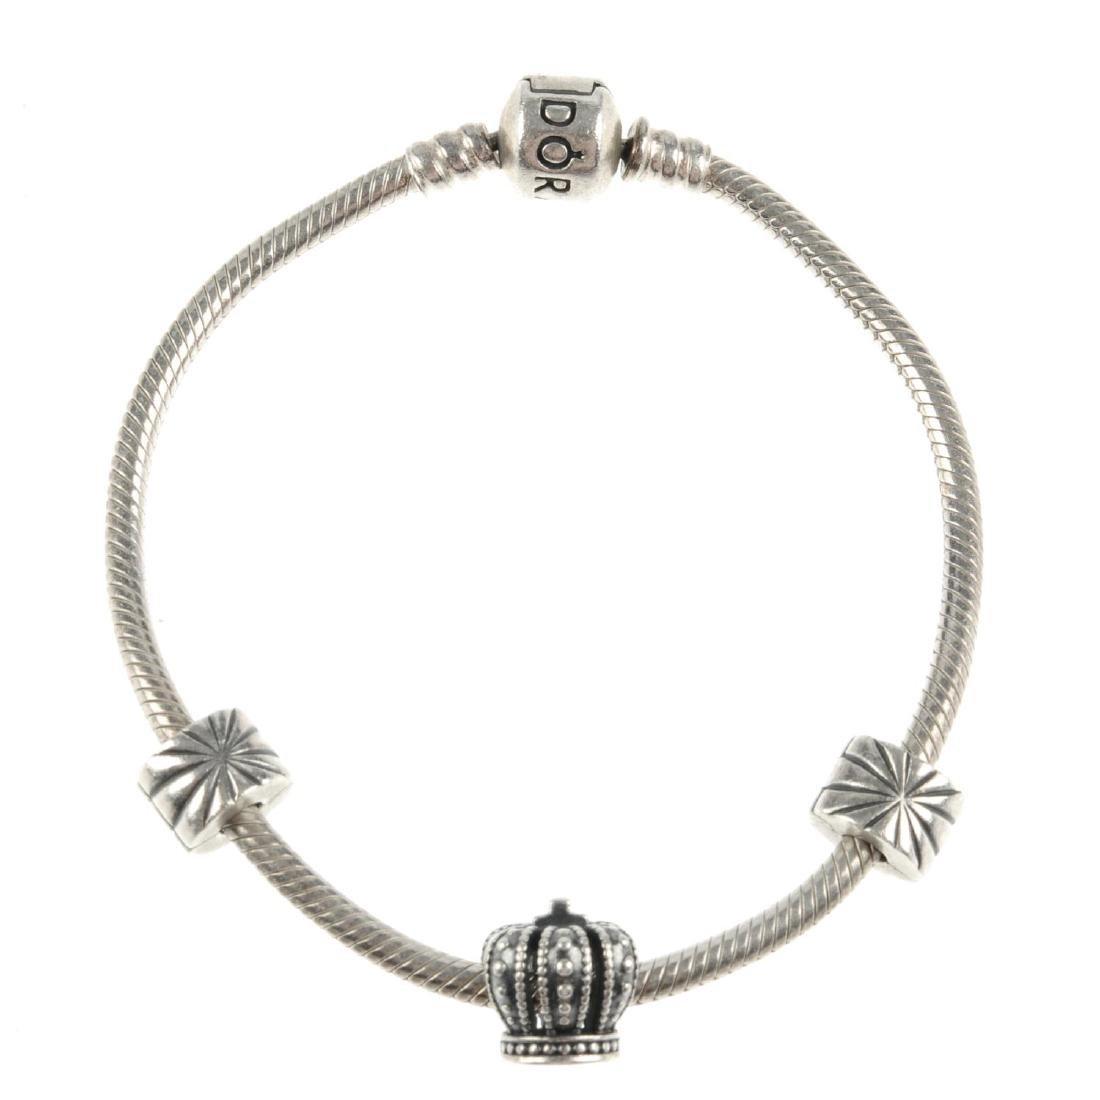 PANDORA - a charm bracelet. The bracelet with